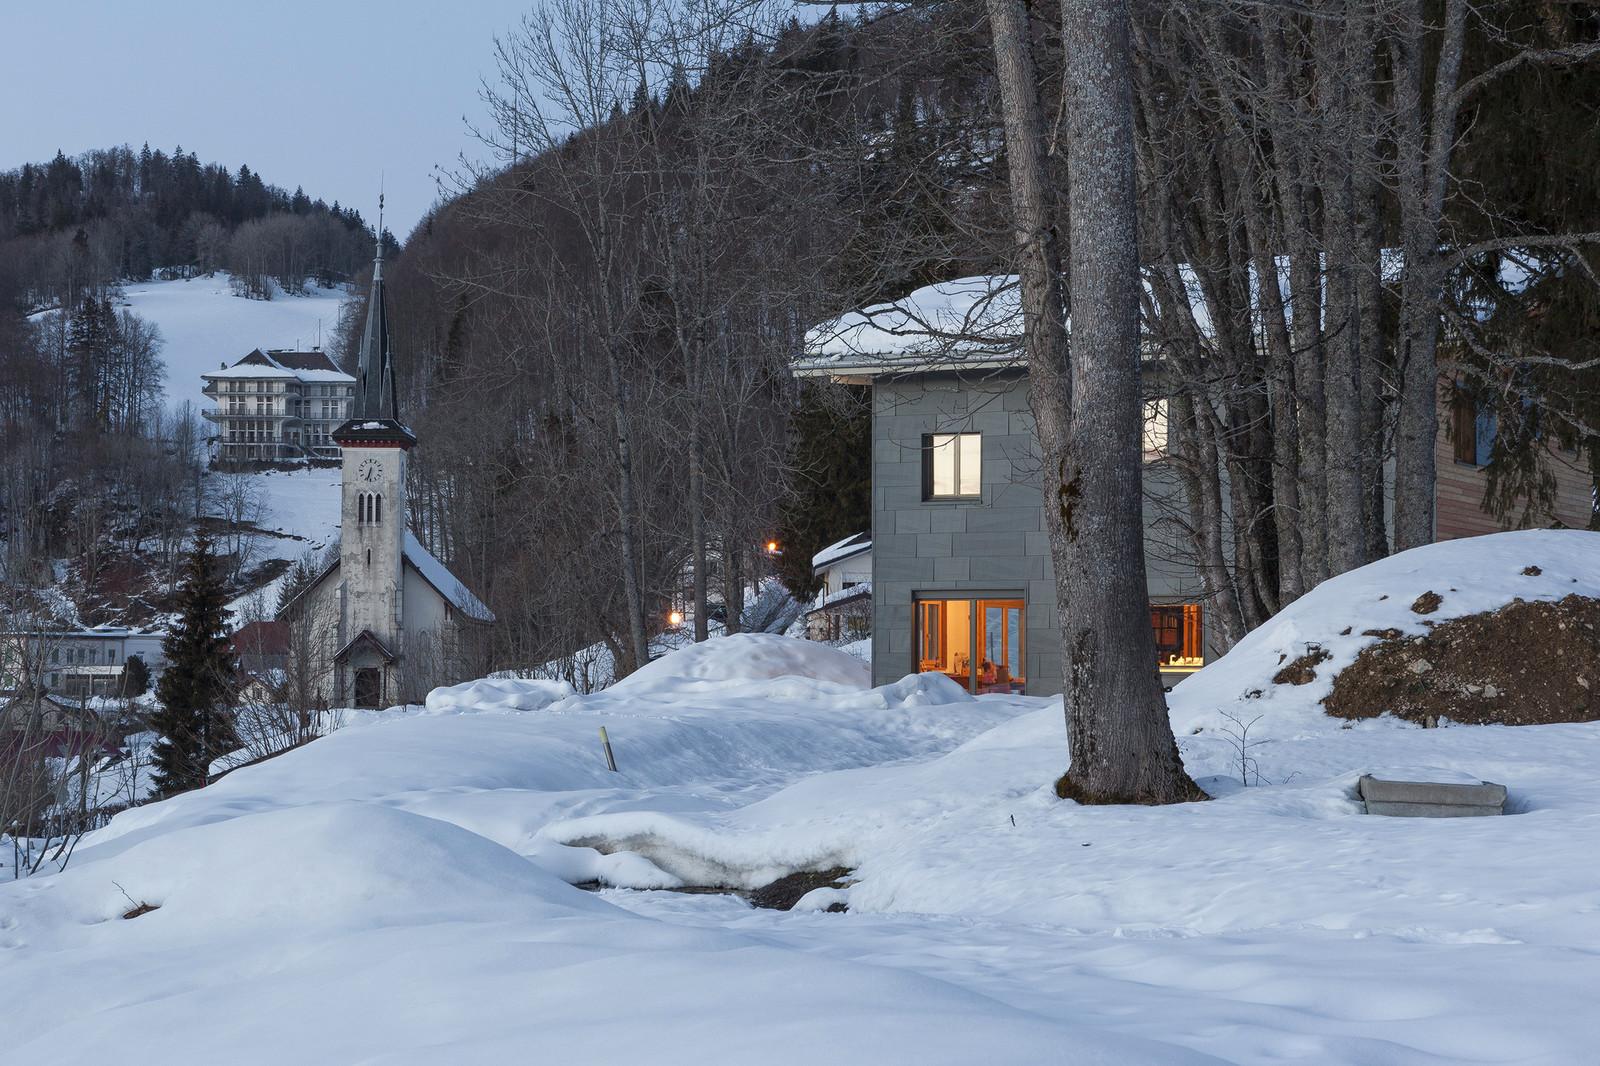 cottage-r-just3ds.com-3